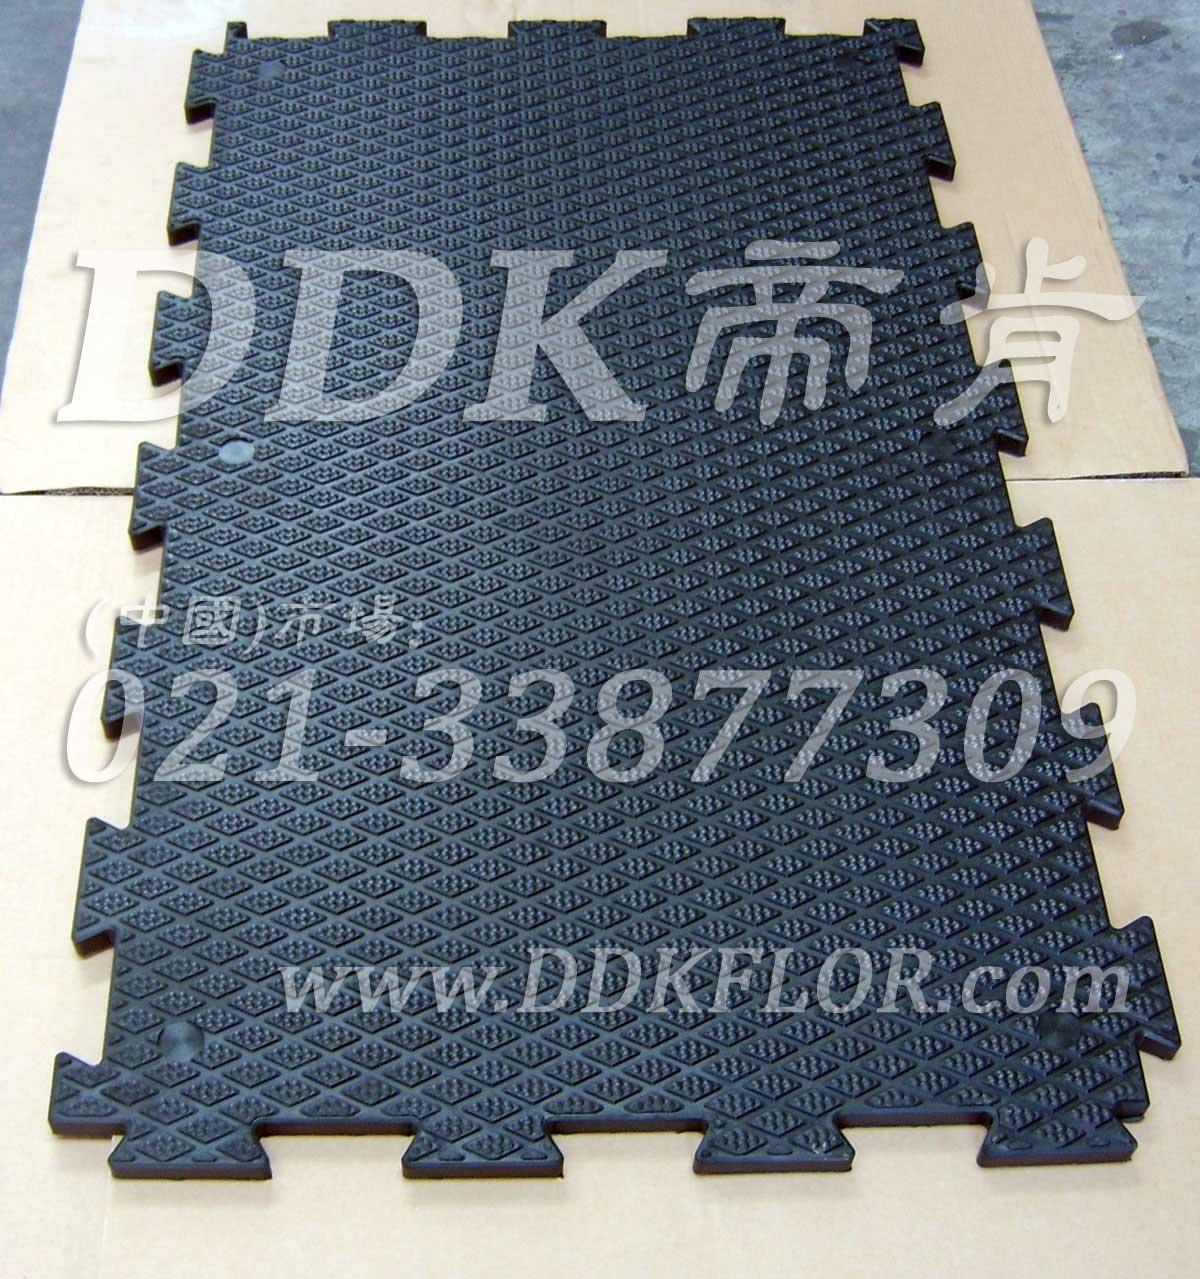 黑色_菱纹表面_抗压耐磨防滑厚地板(2)